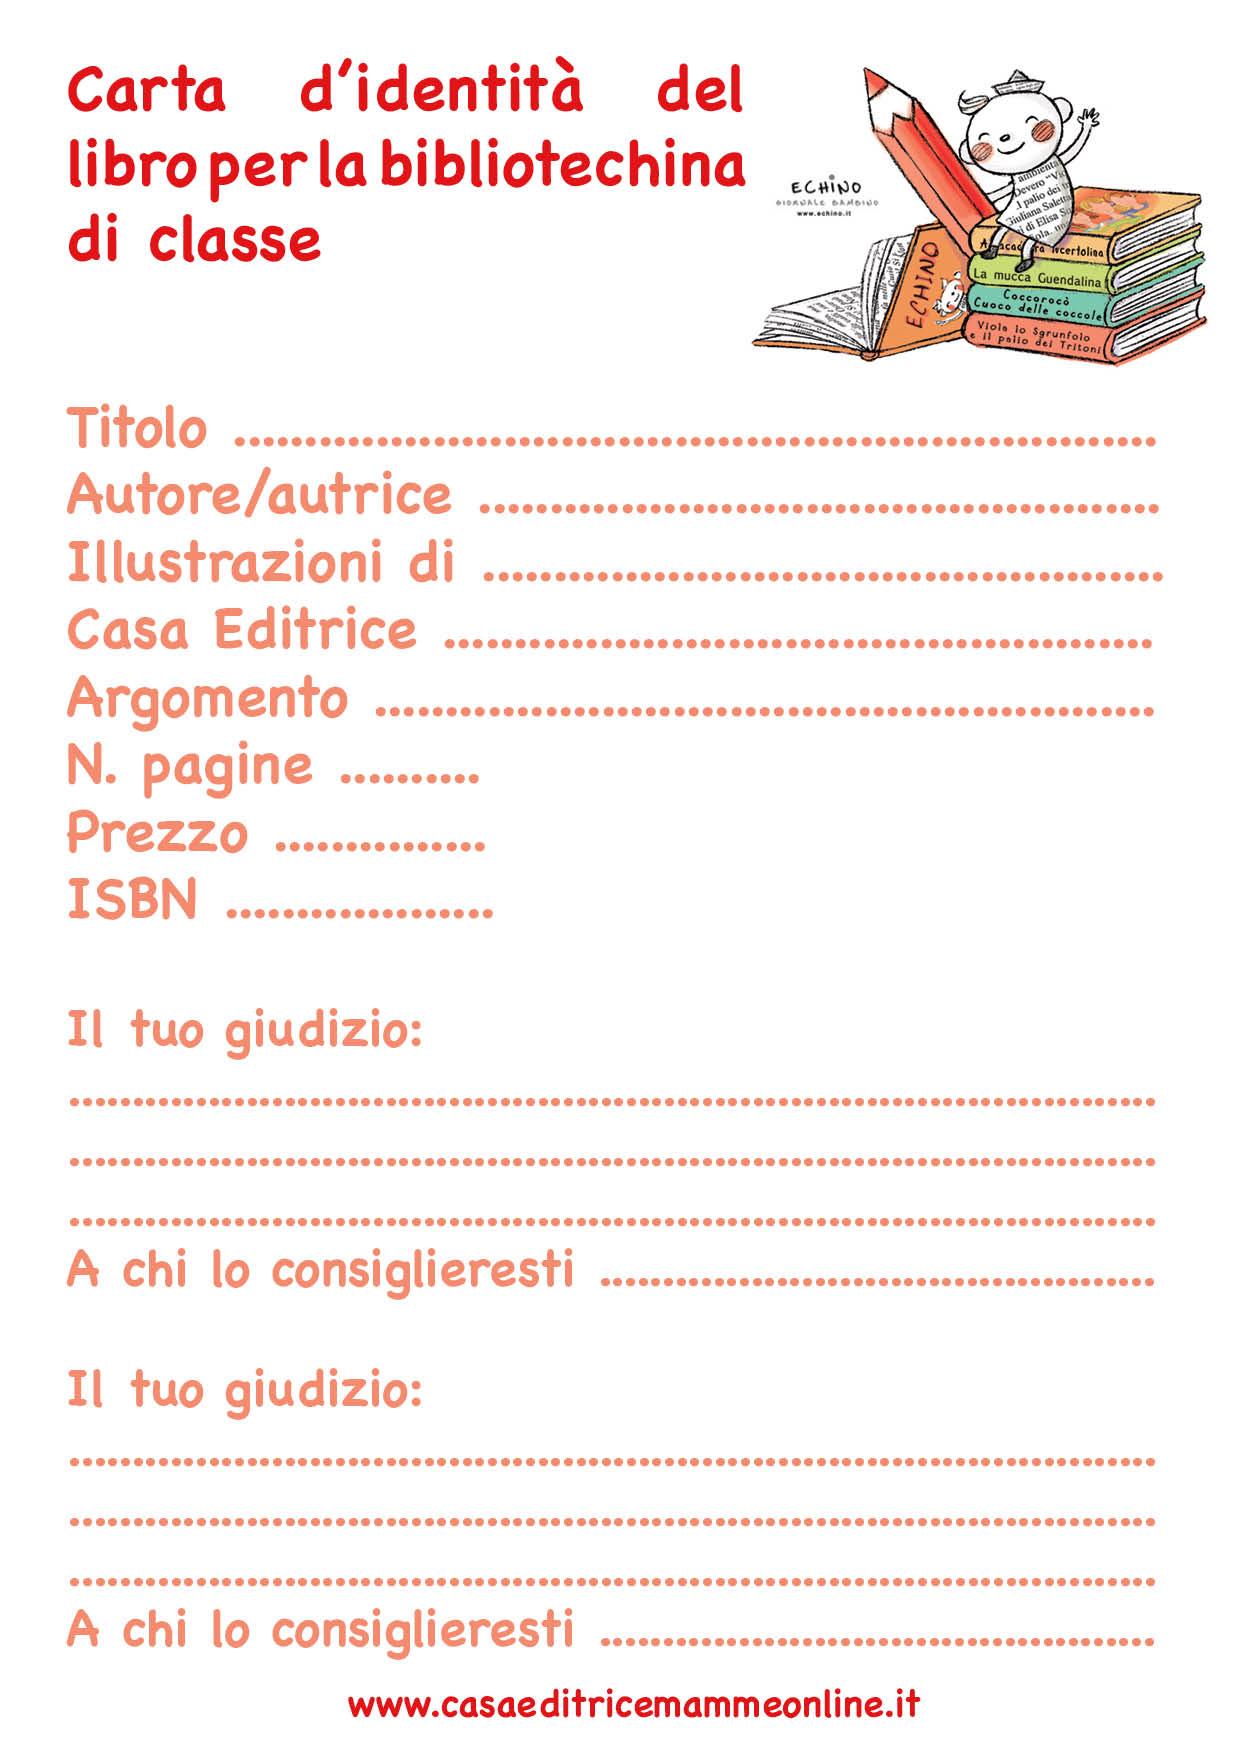 Raccogliere le carte d 39 identit dei libri della biblioteca - Modelli di colorazione per bambini ...